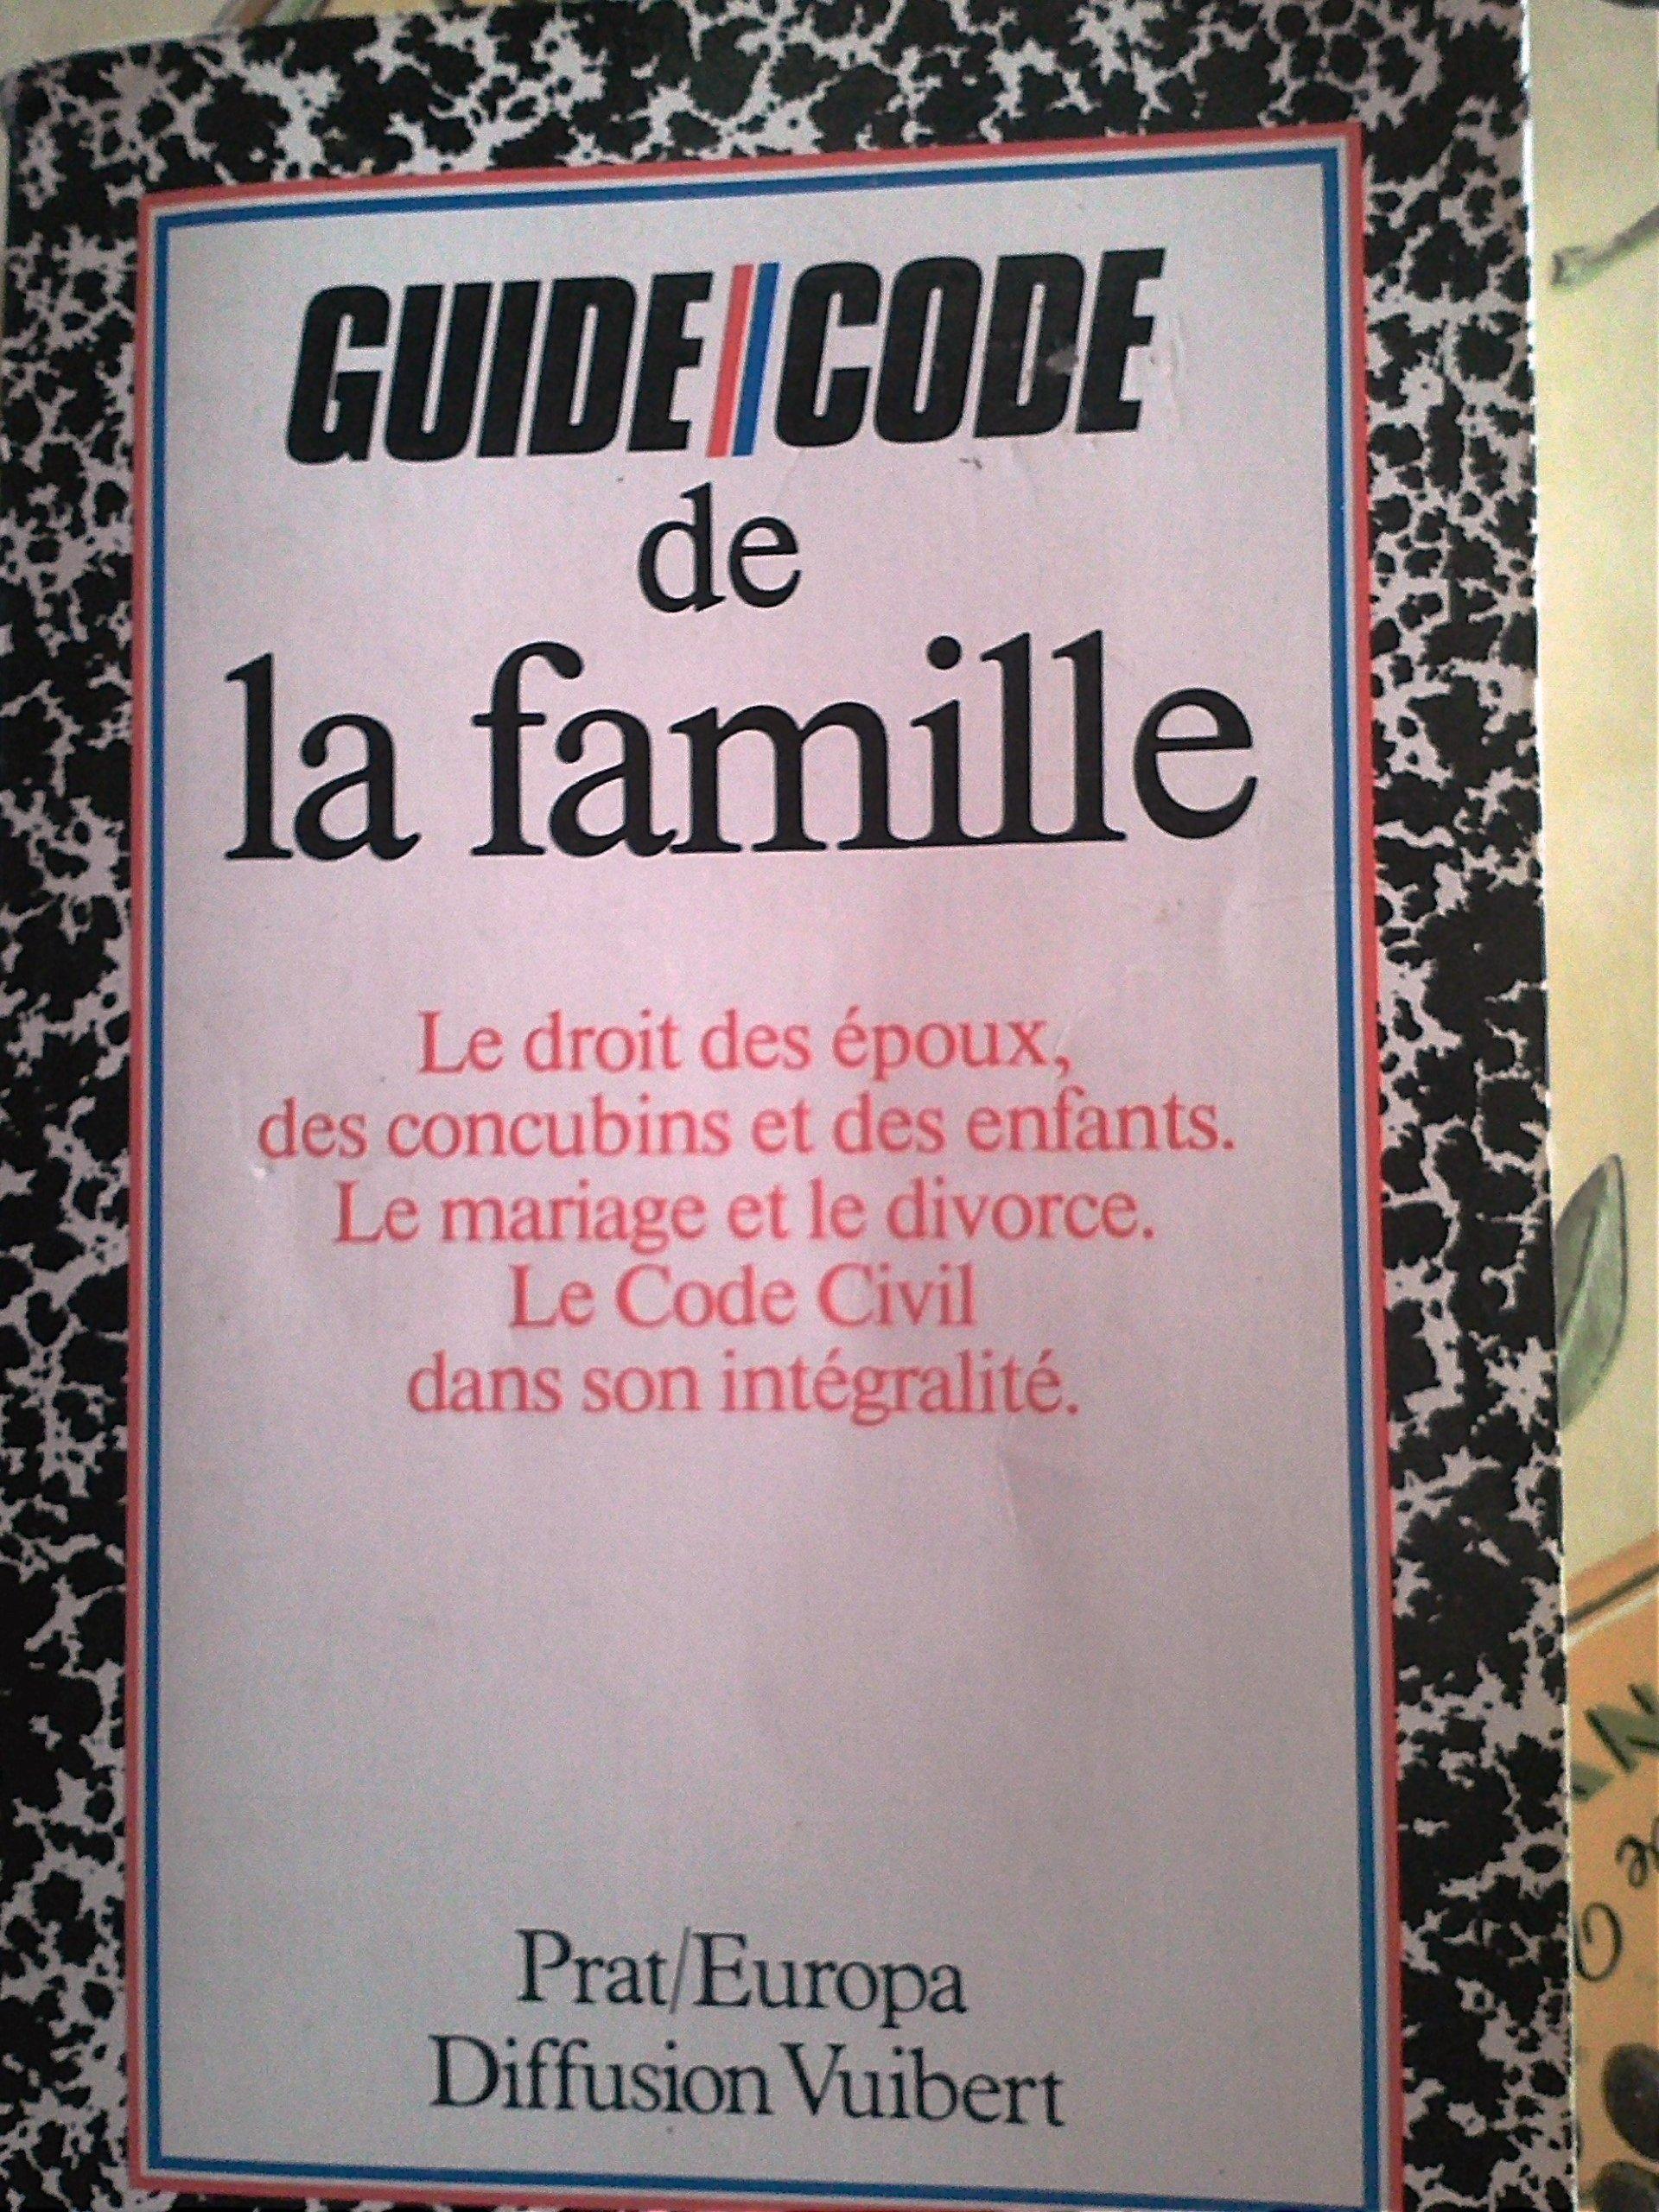 Guide-code de la famille : Le droit des époux, des concubins et des enfants, le mariage et le divorce, le code civil dans son intégralité (Guides-codes) Broché – 1984 Pierre Pruvost Sylvie Dibos-Lacroux France Prat-Europa